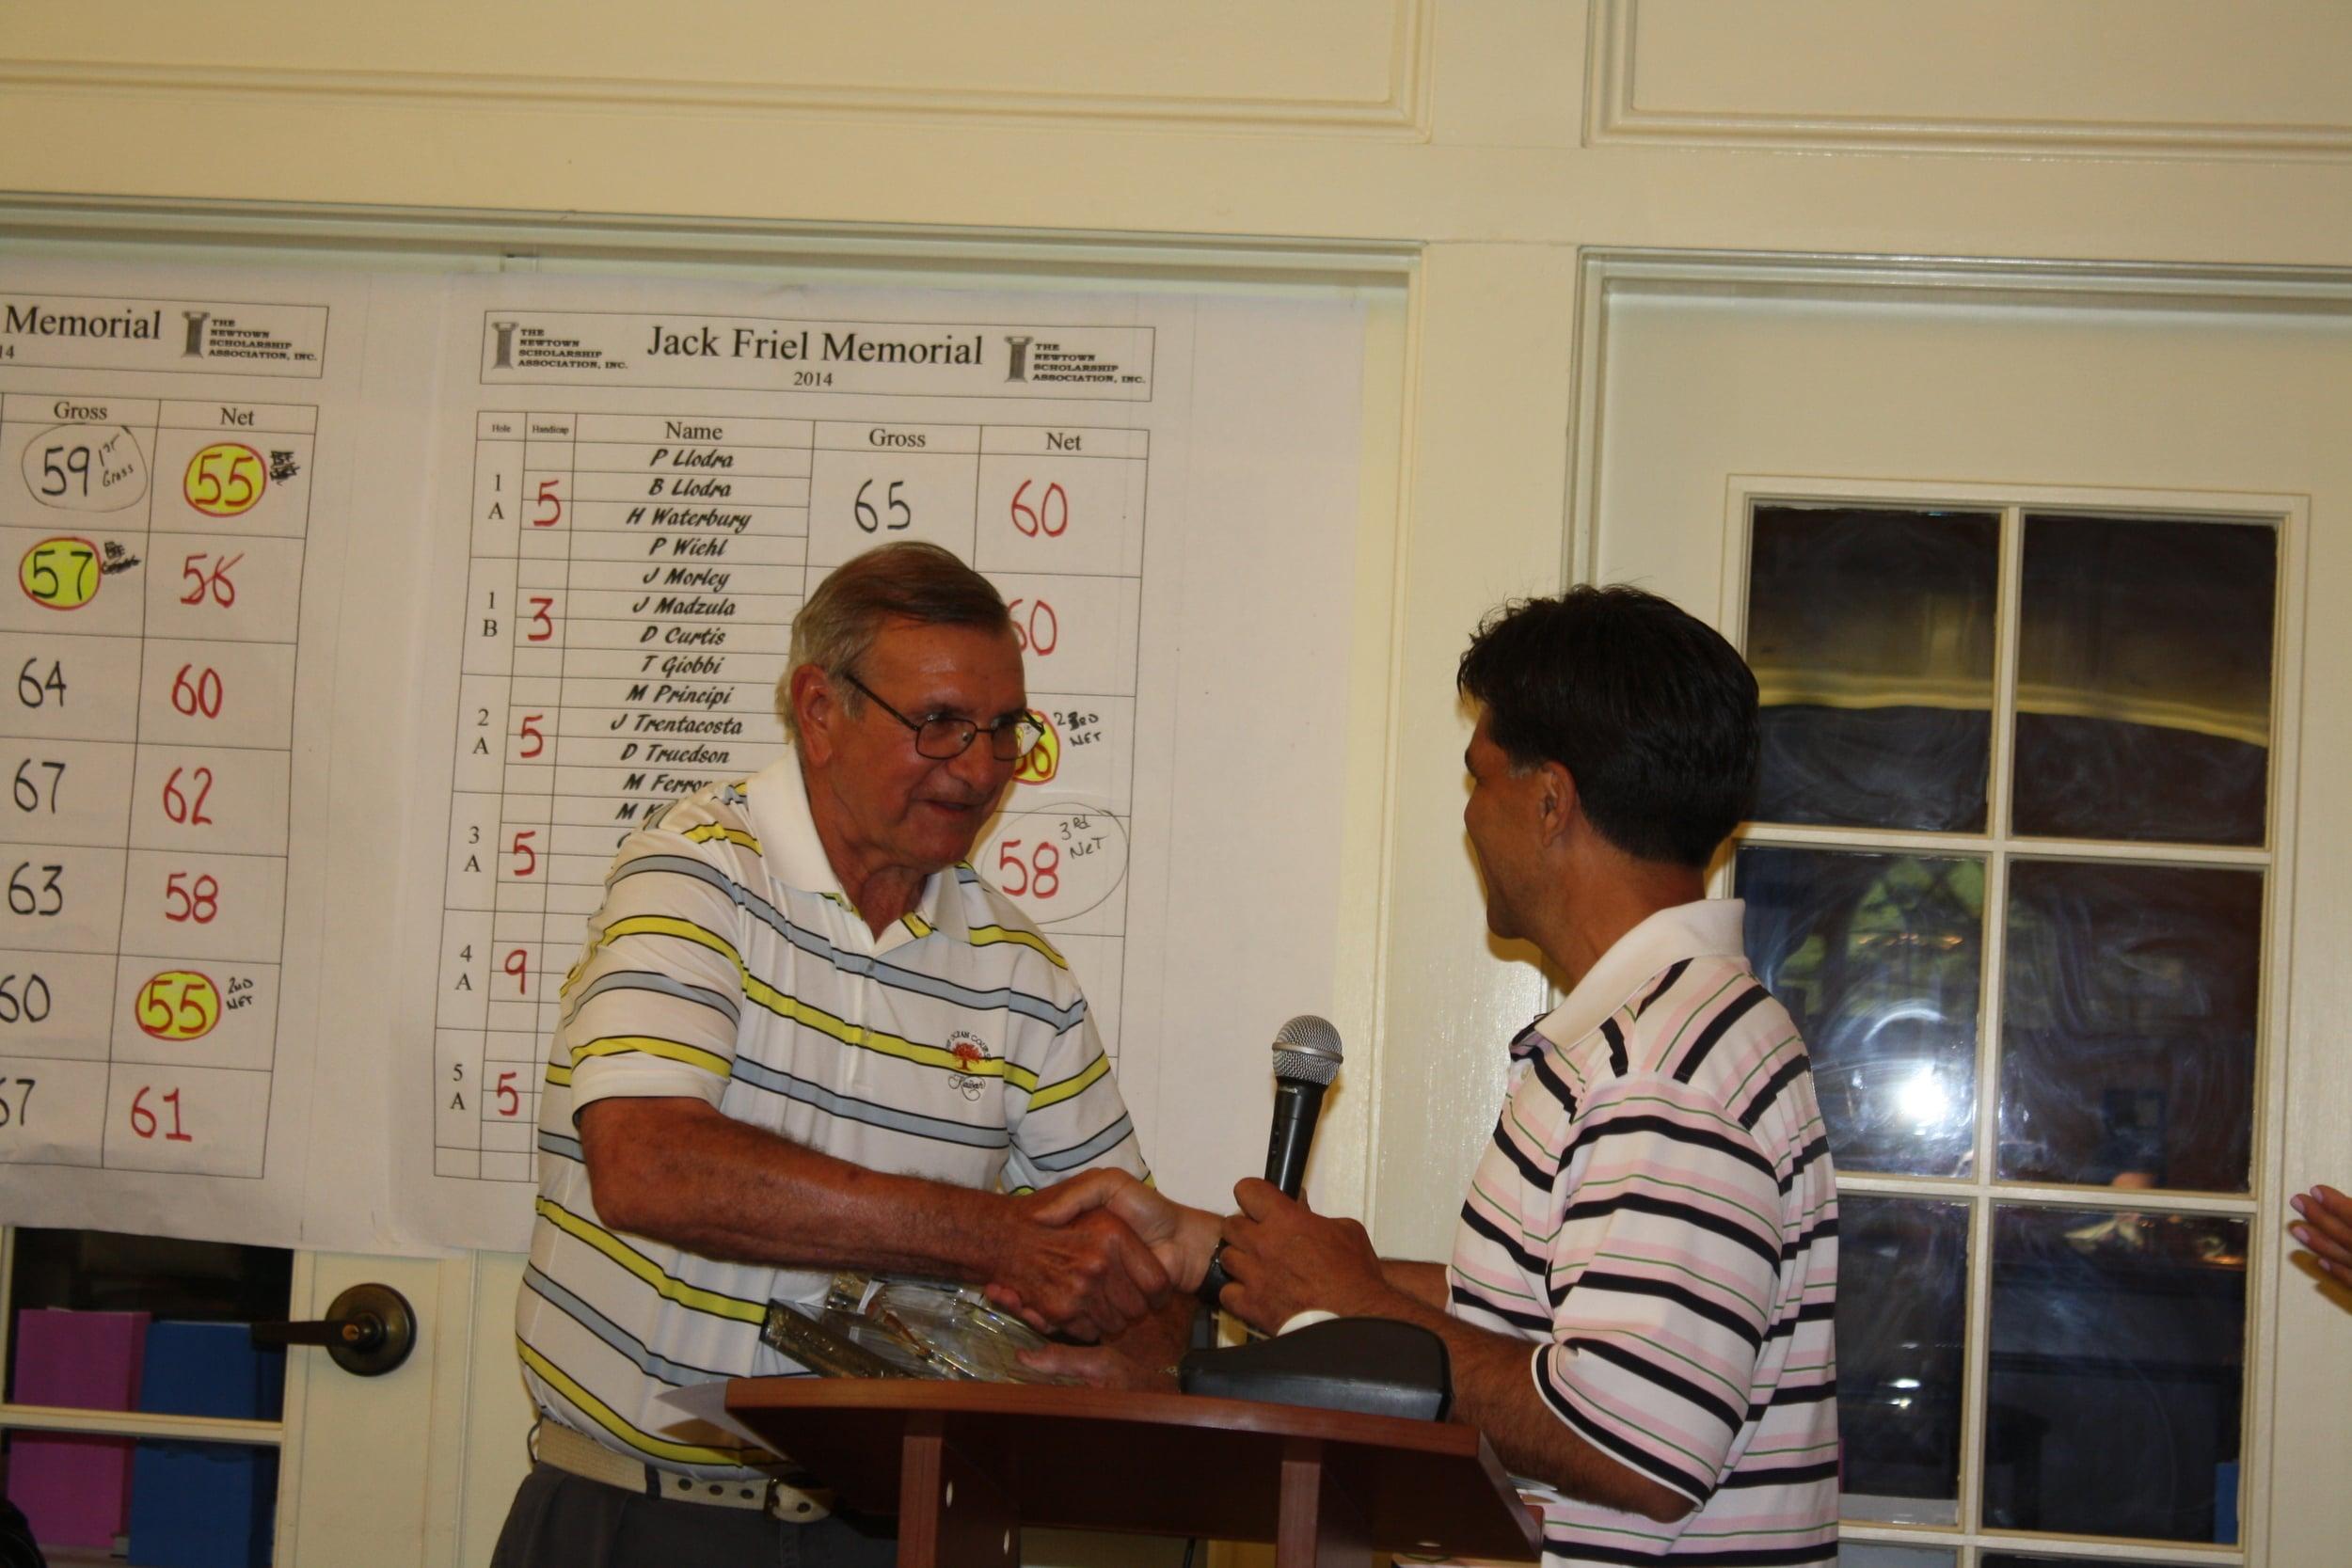 061614 rrcc golf dinner recogognition Osborne Korotash 5475.JPG